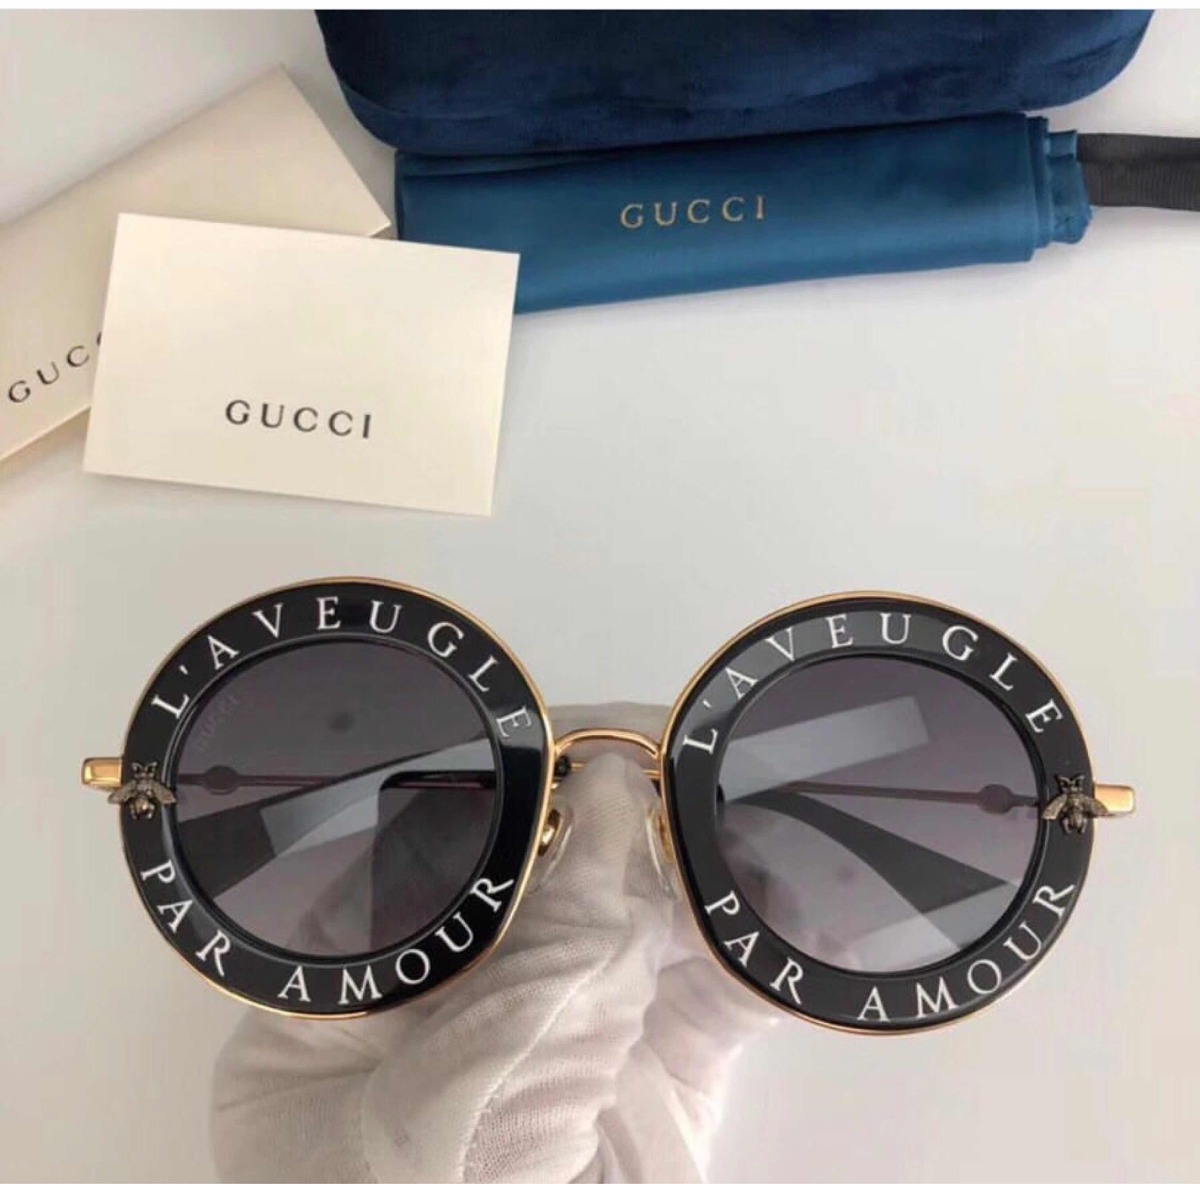 dda1f6be474d2 Carregando zoom. e96955470cfdcc  Óculos Gucci L Aveugle Original - R  1.299,00 em Mercado Livre d682a3808cf380  Óculos Gucci Gatinho -  FloripaBagImports ...